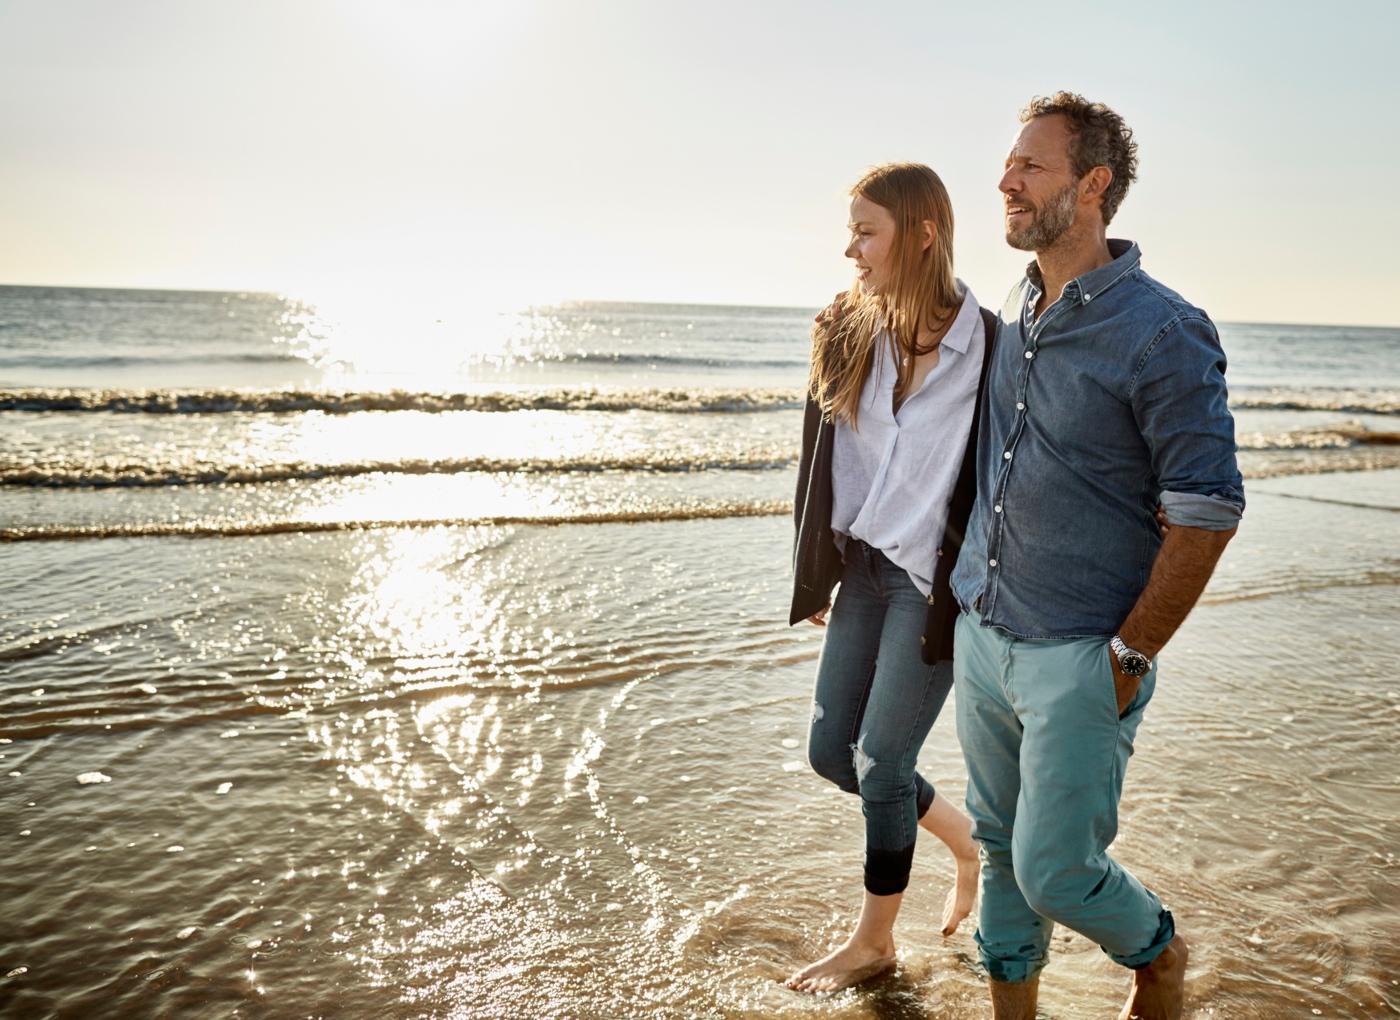 O amor não é tudo: casal na praia